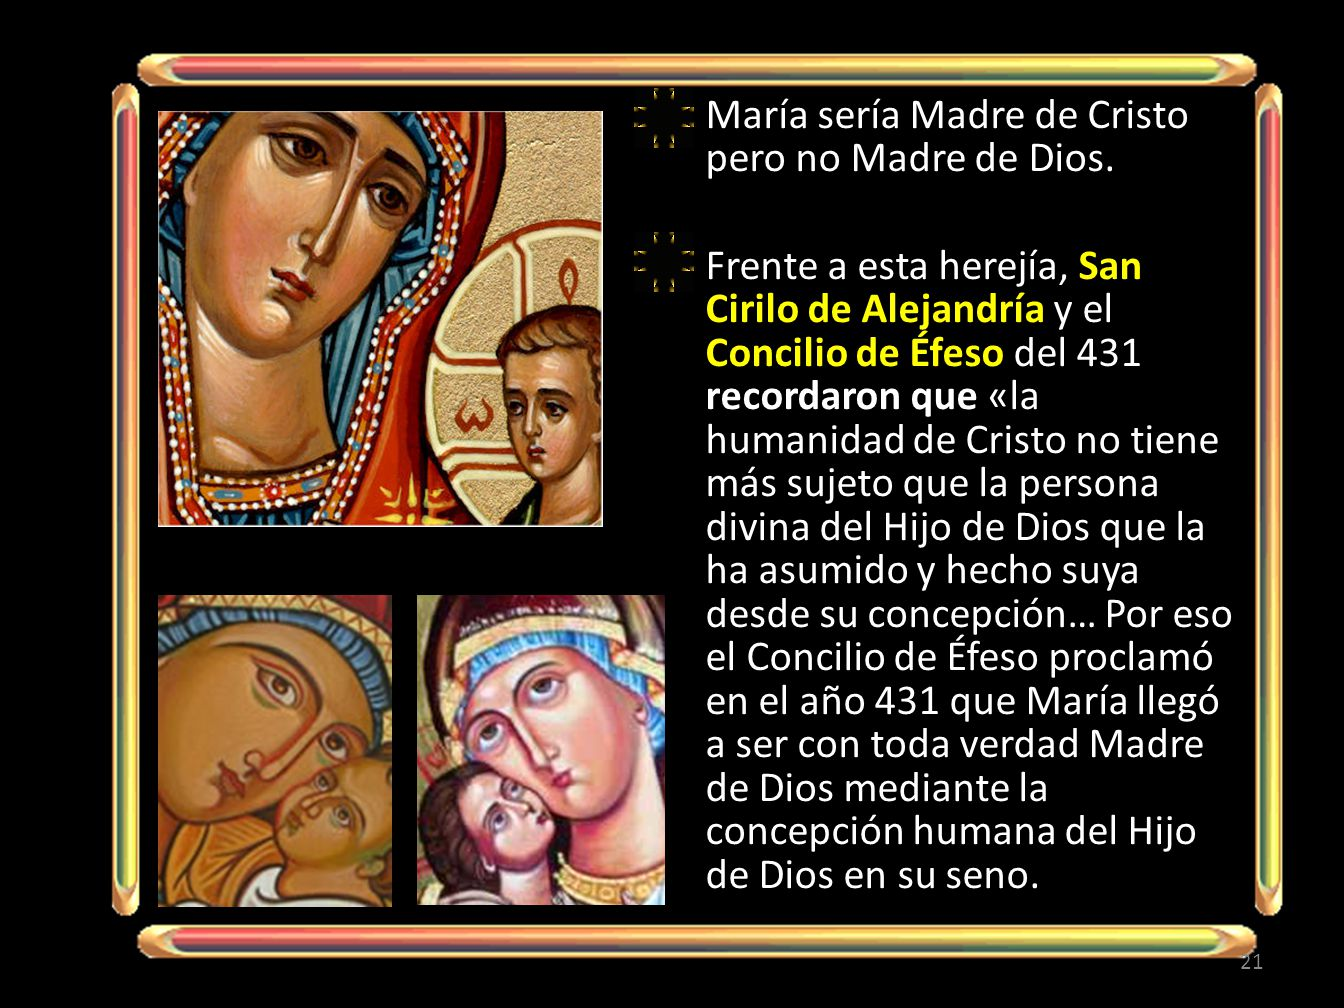 María sería Madre de Cristo pero no Madre de Dios.